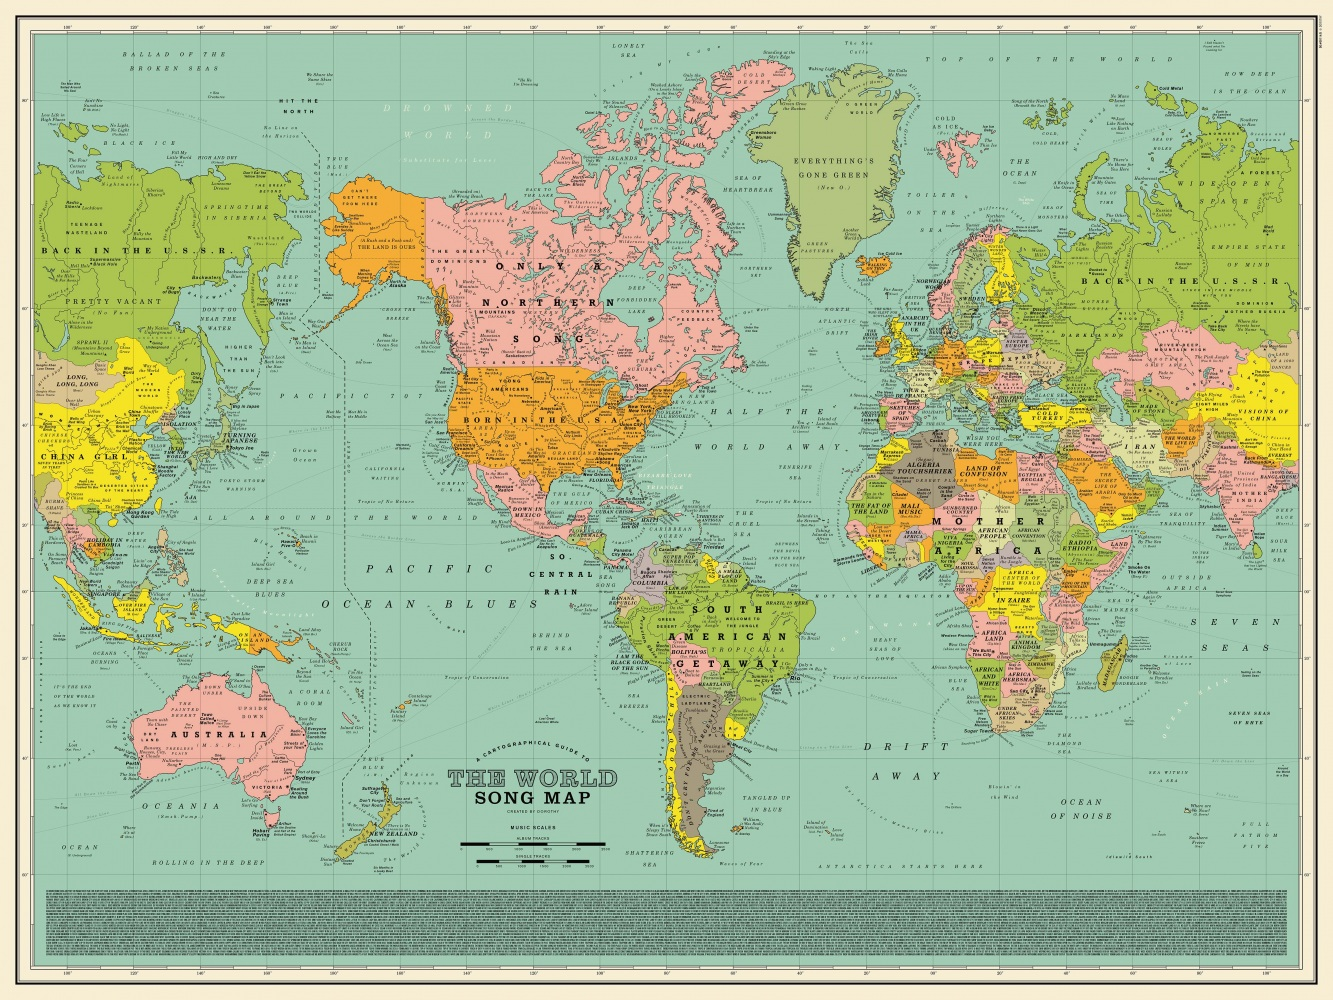 Cartina Mondo Paesi.La Mappa Del Mondo Coi Titoli Delle Canzoni Al Posto Di Nazioni E Citta Darlin Magazine